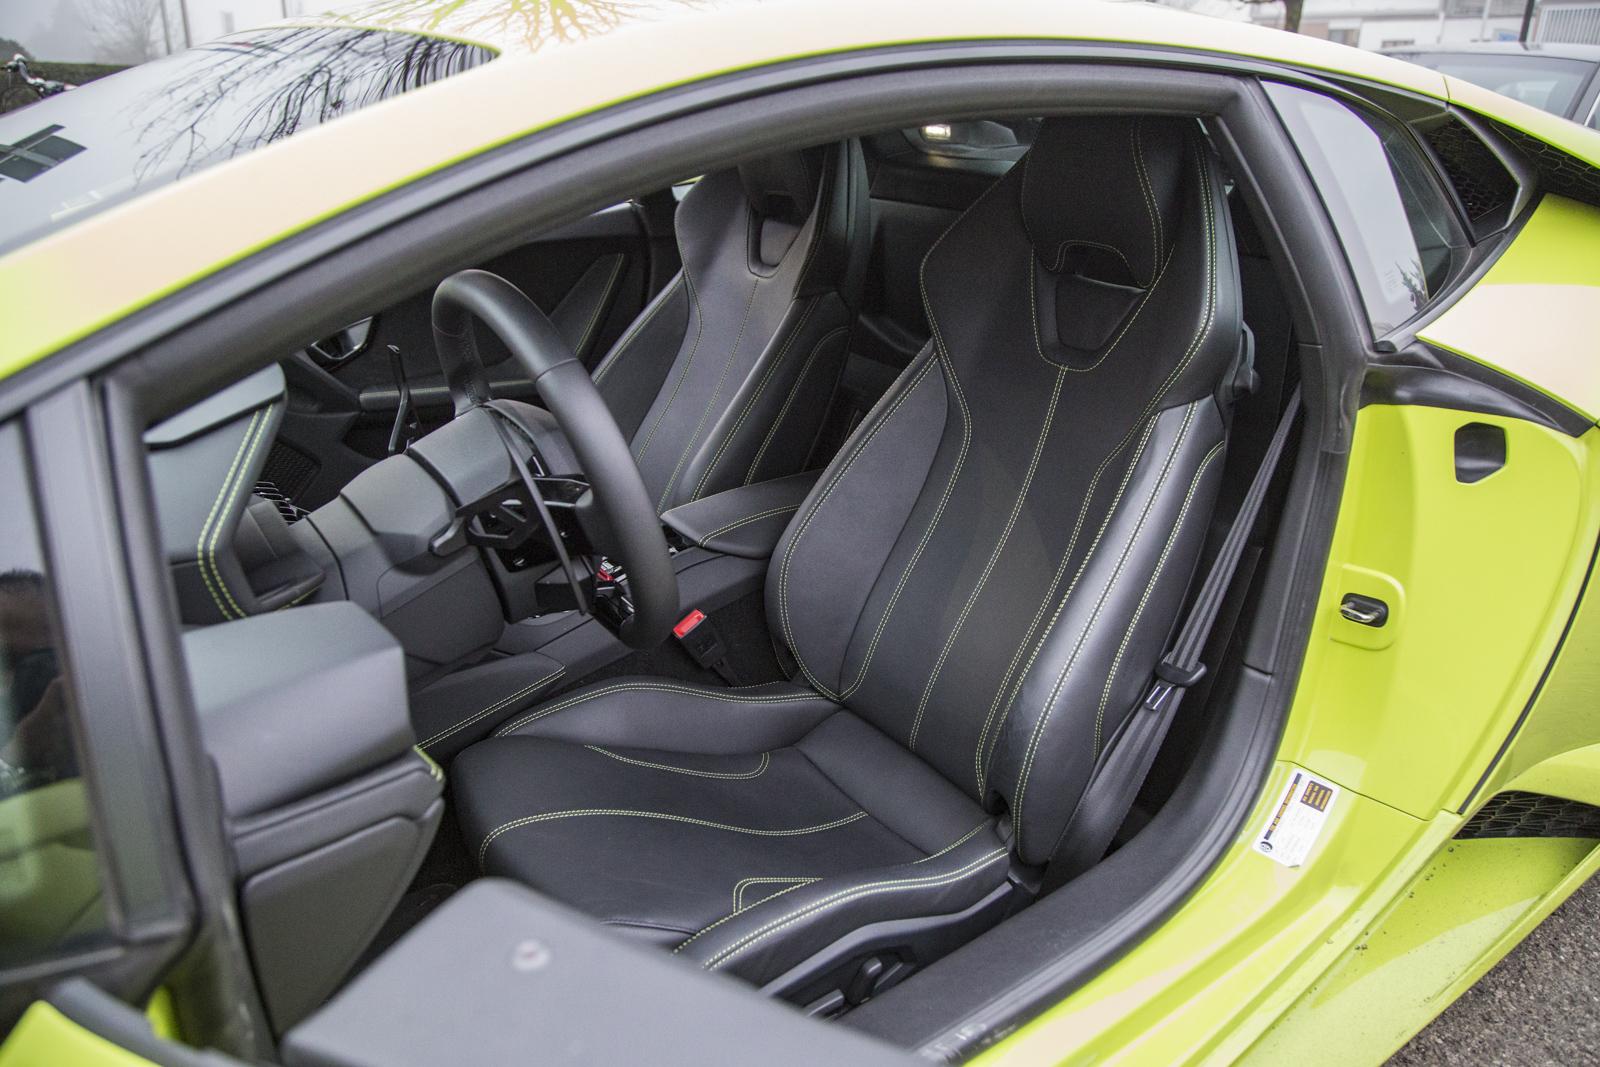 Test_Drive_Lamborghini_Huracan_LP610-4_67